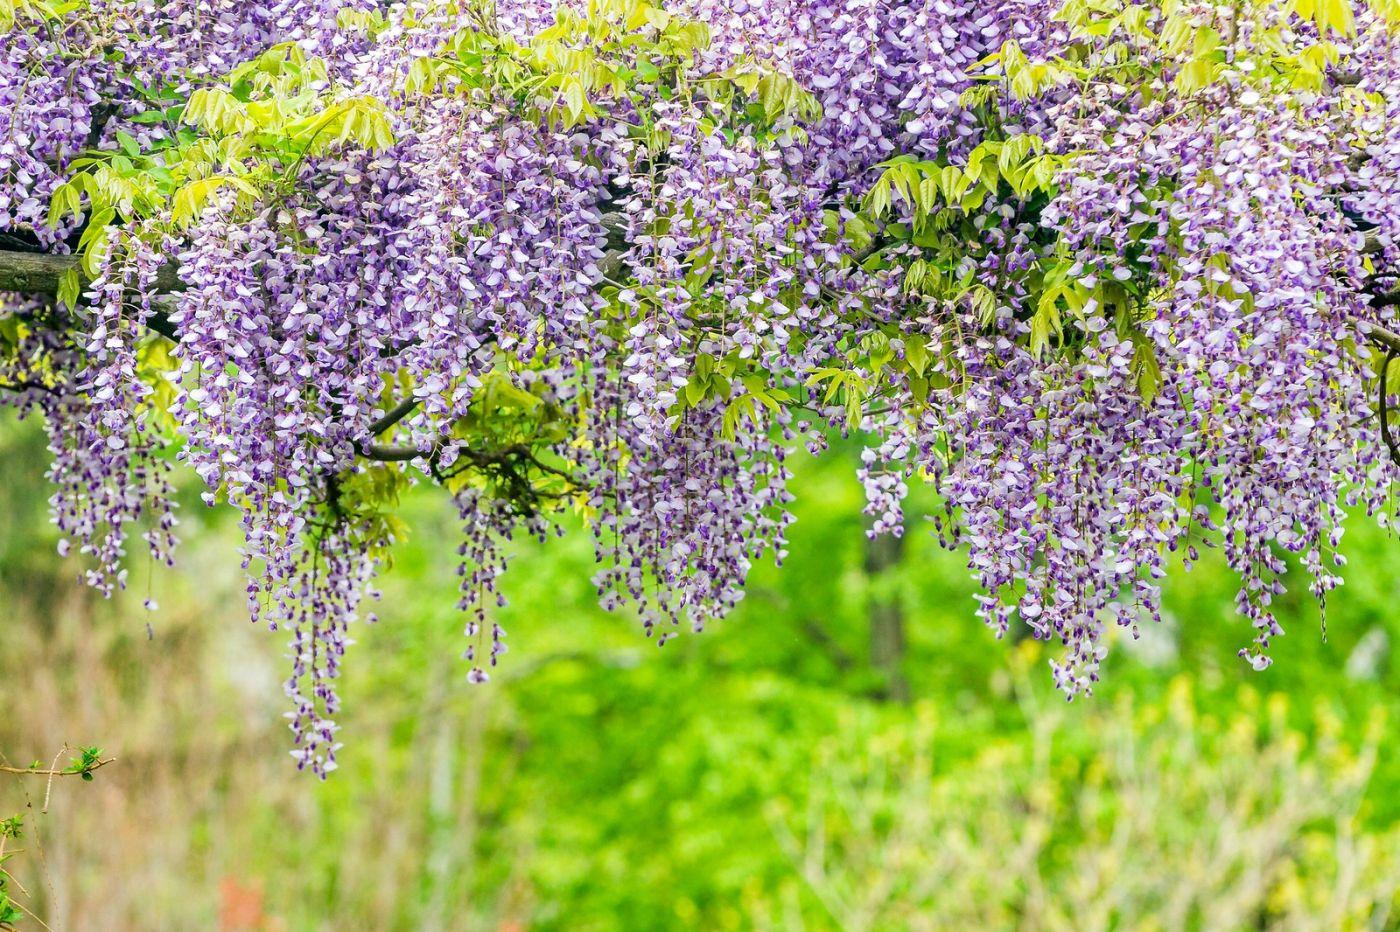 紫藤花相遇在春天_图1-22